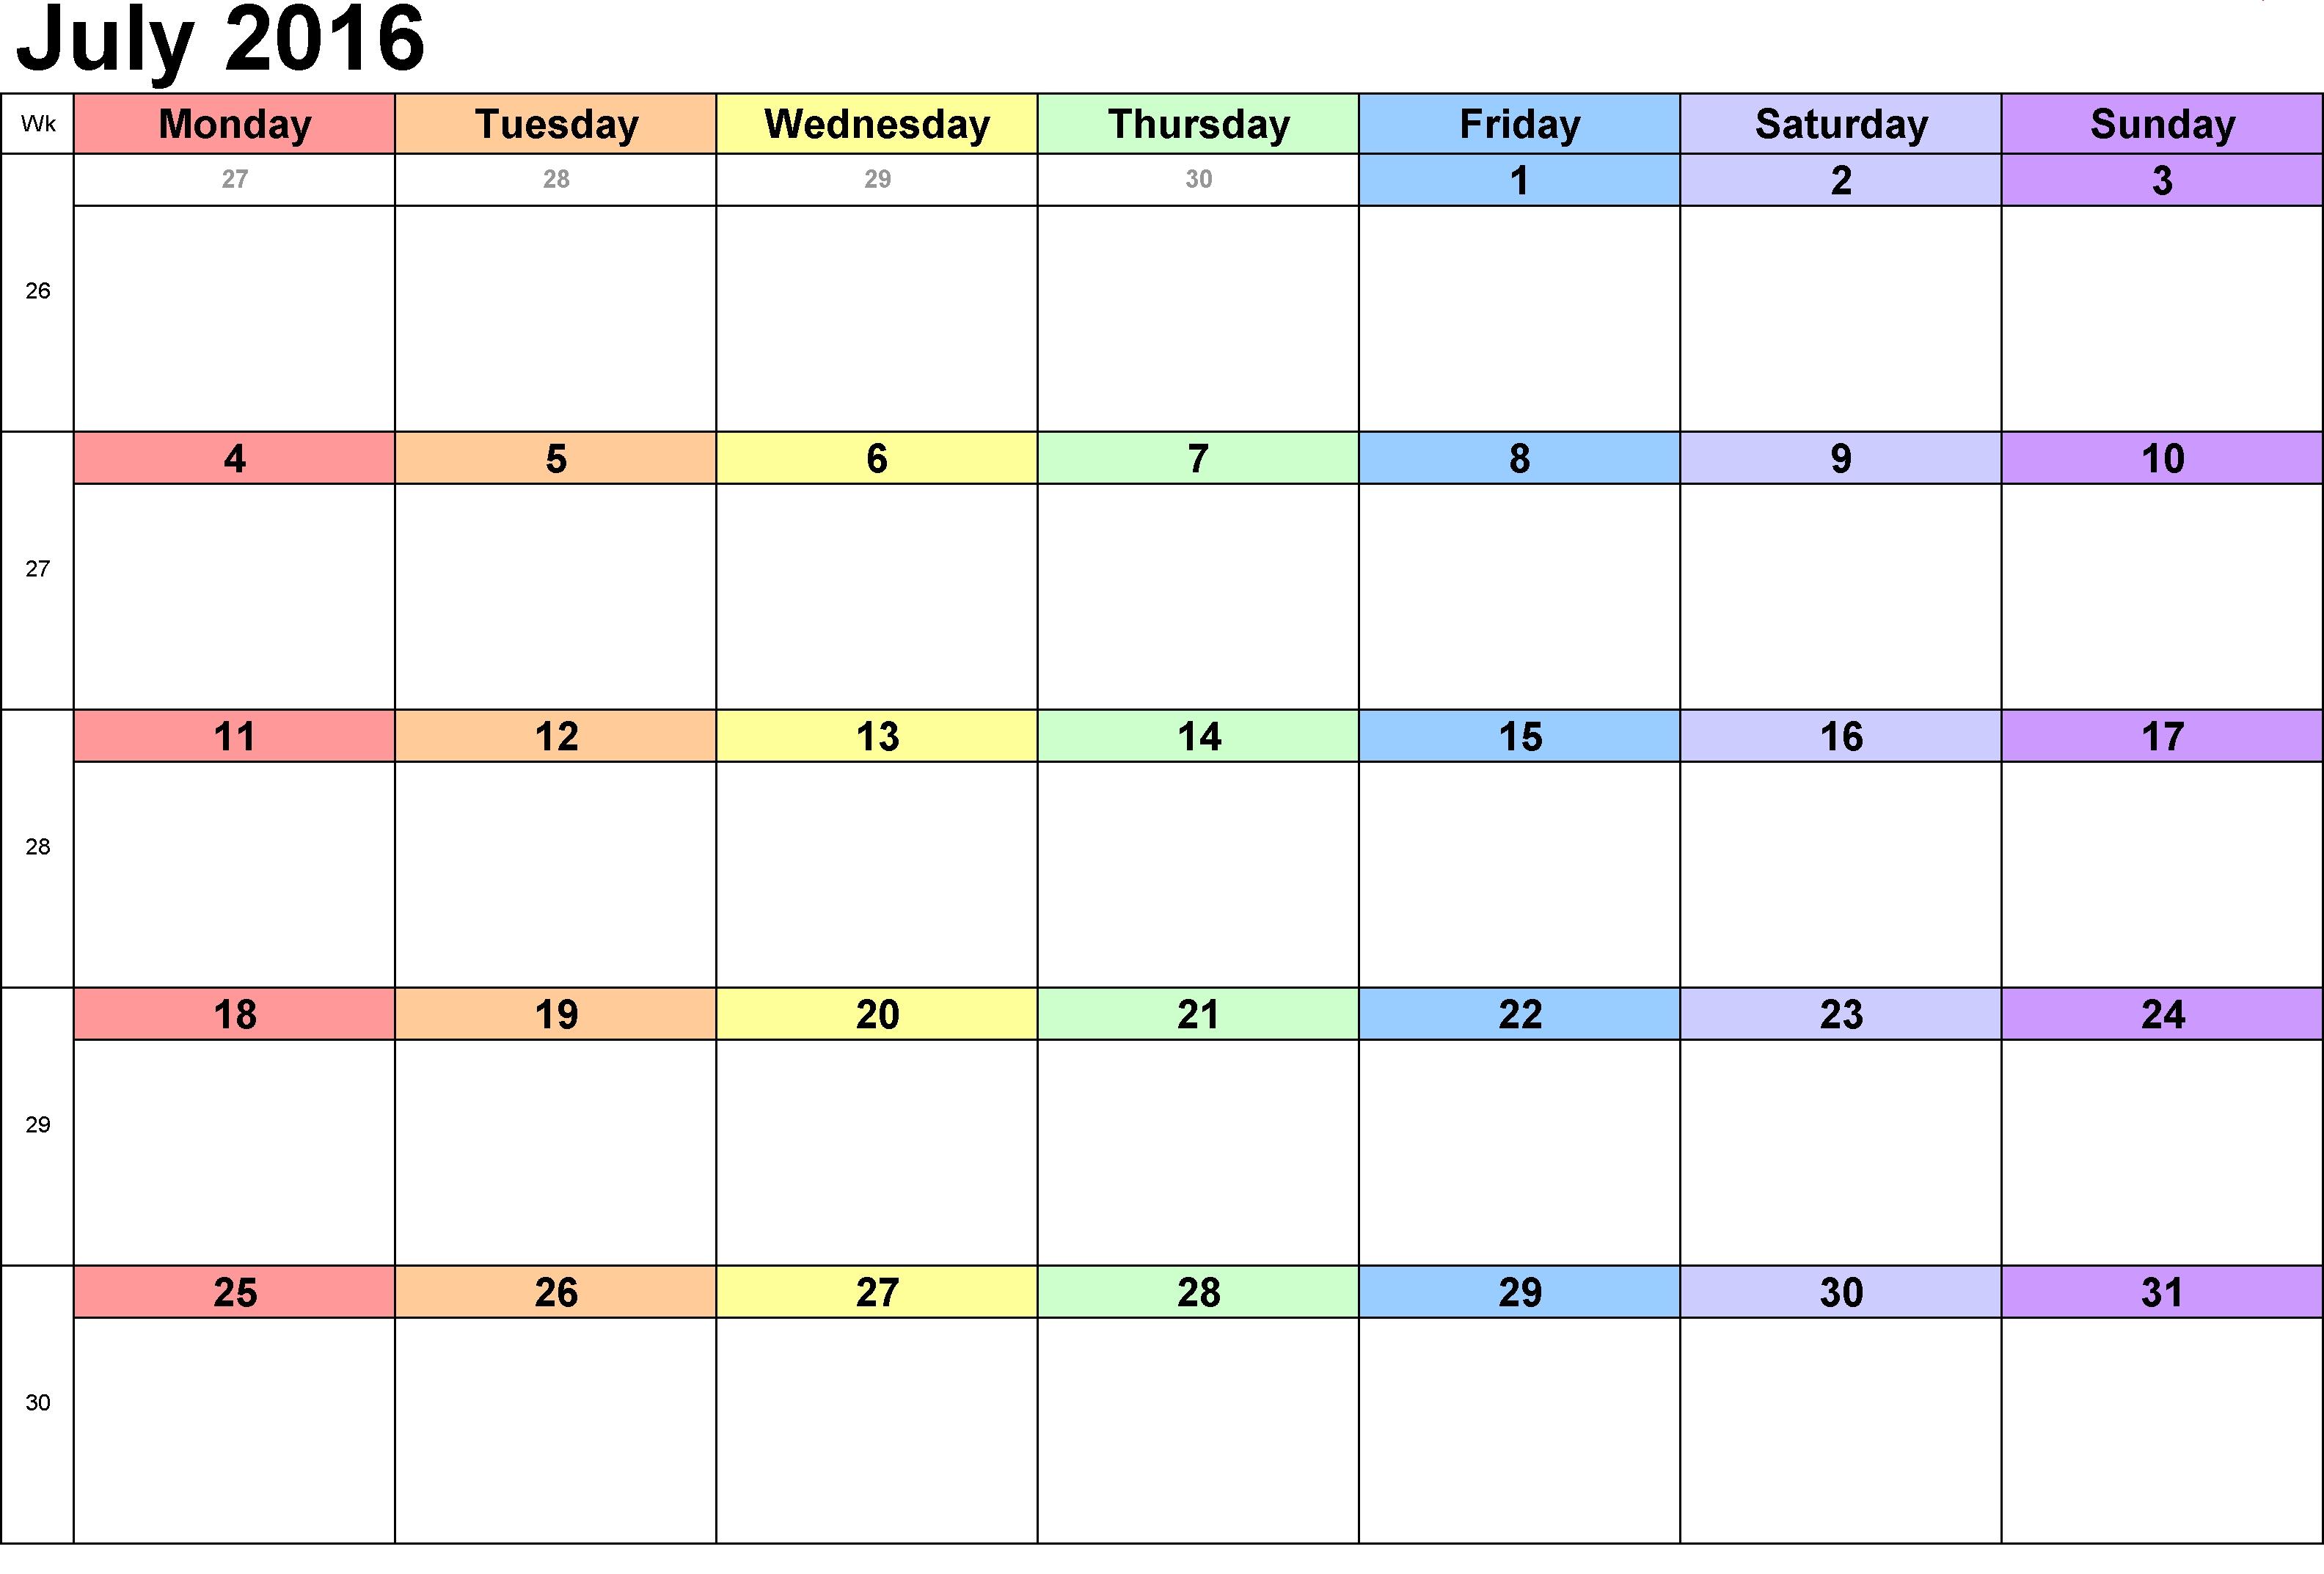 Weekly Schedule Blank Template - Shefftunes.tk  Printable Blank Weekly Employee Schedule